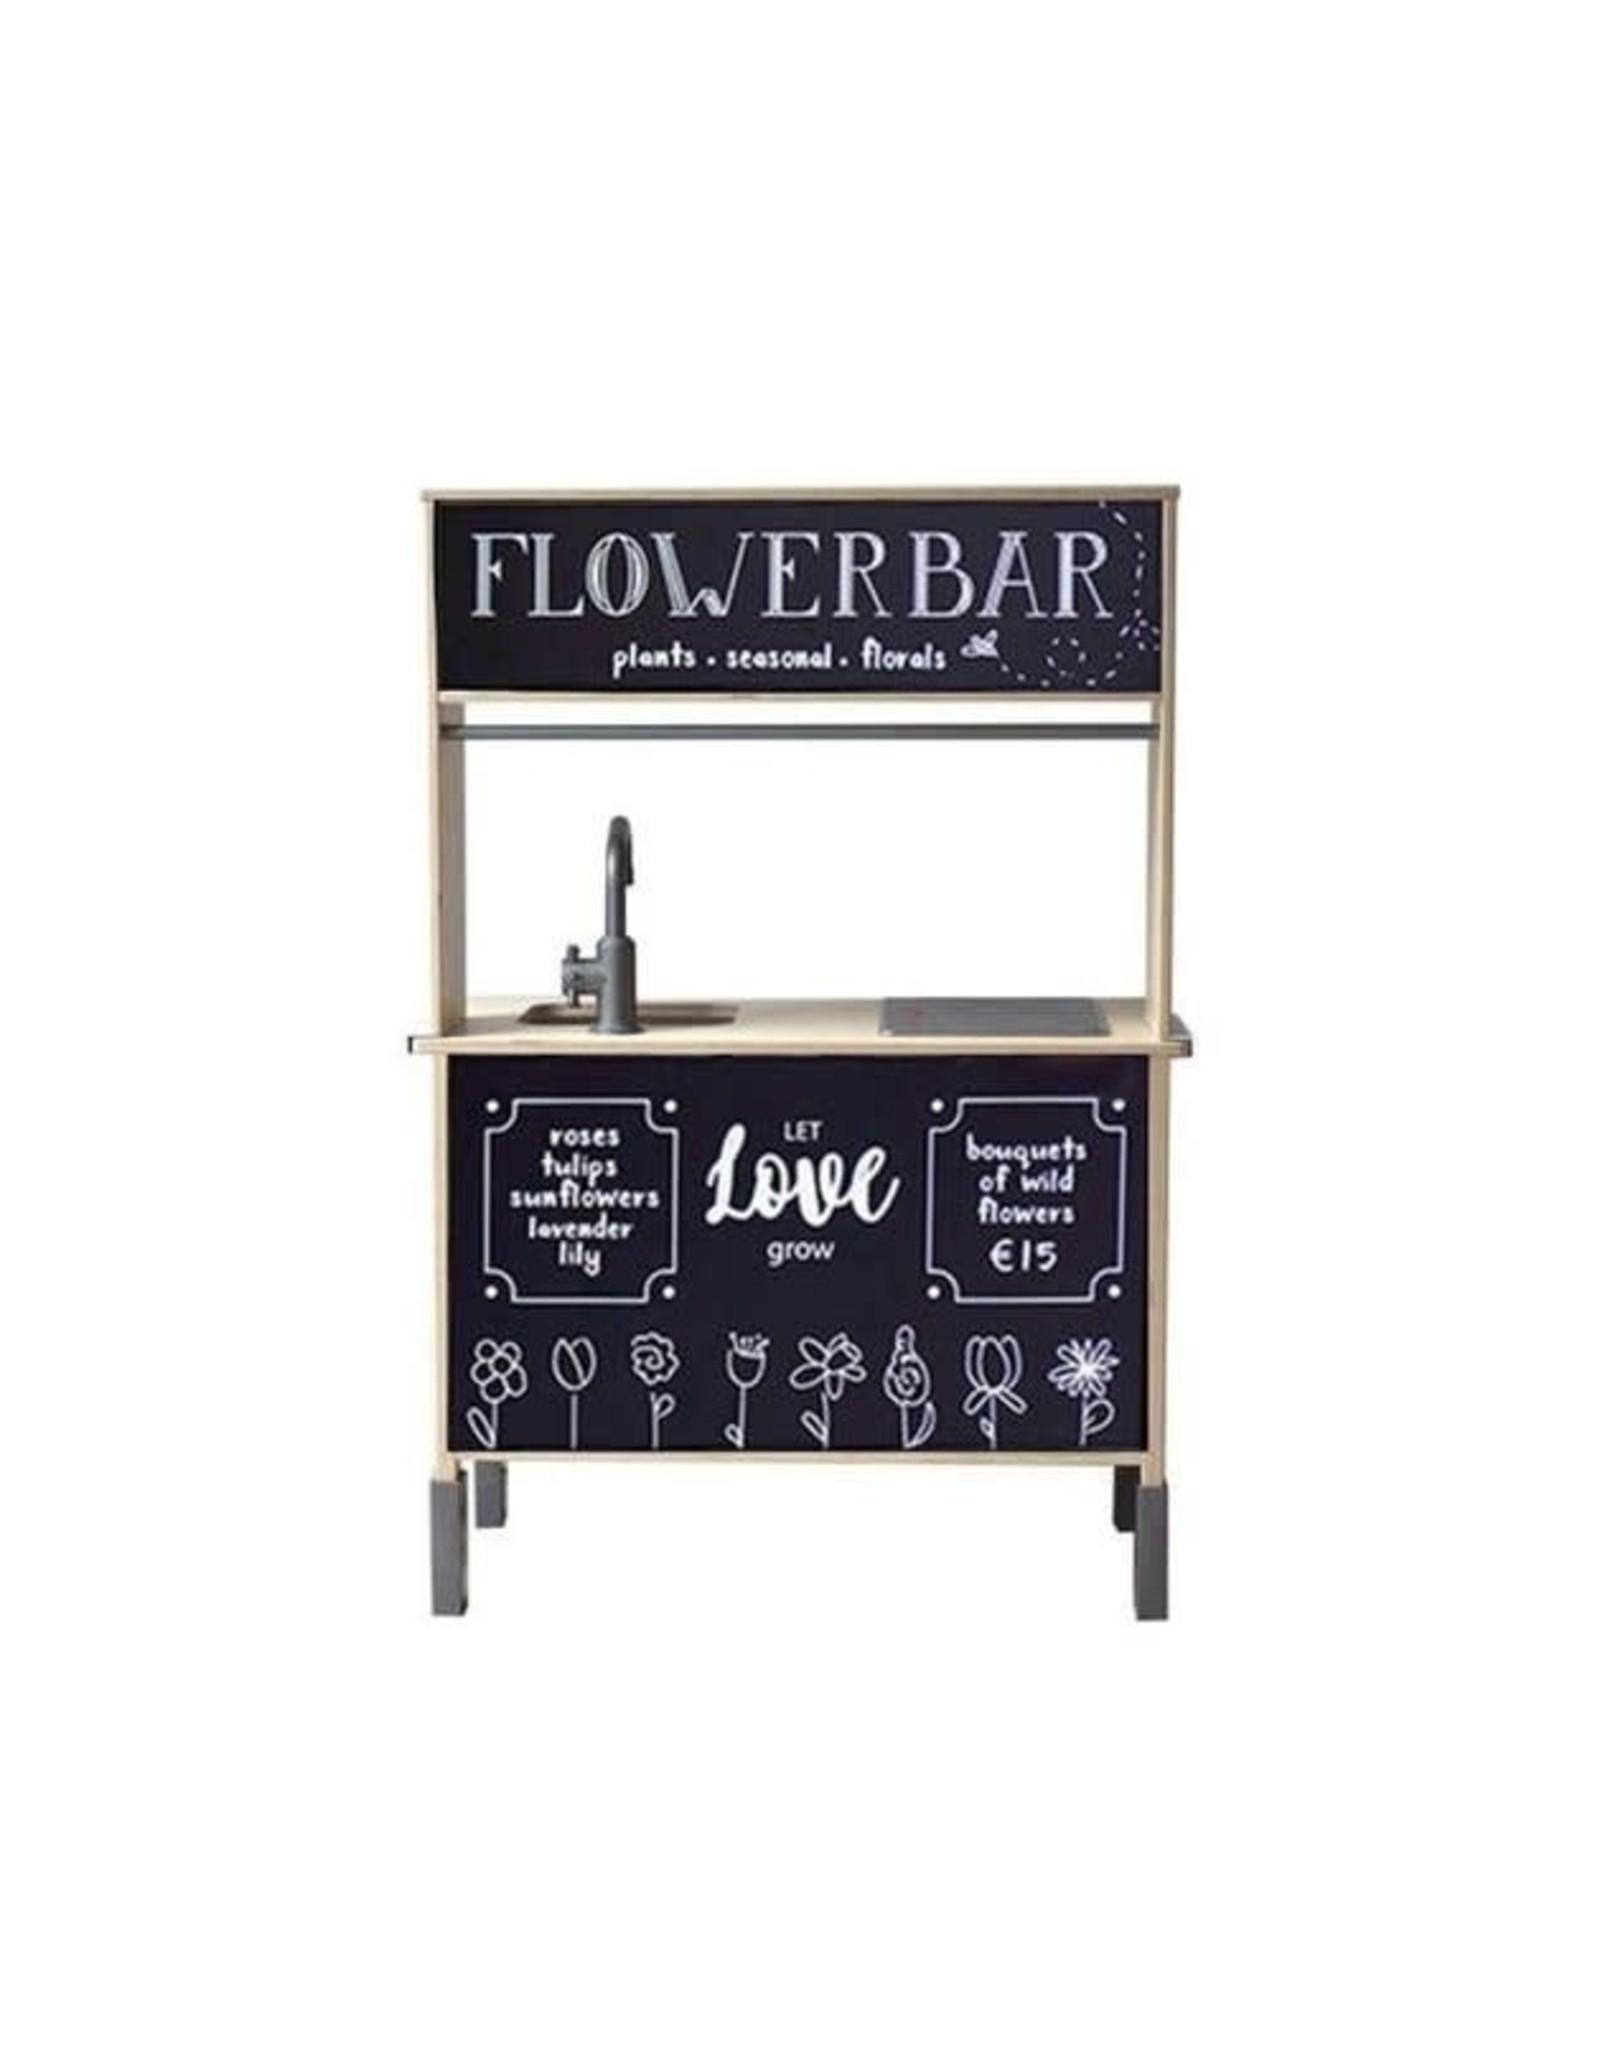 Stickerset voor het Ikea Duktig keukentje, flowerbar